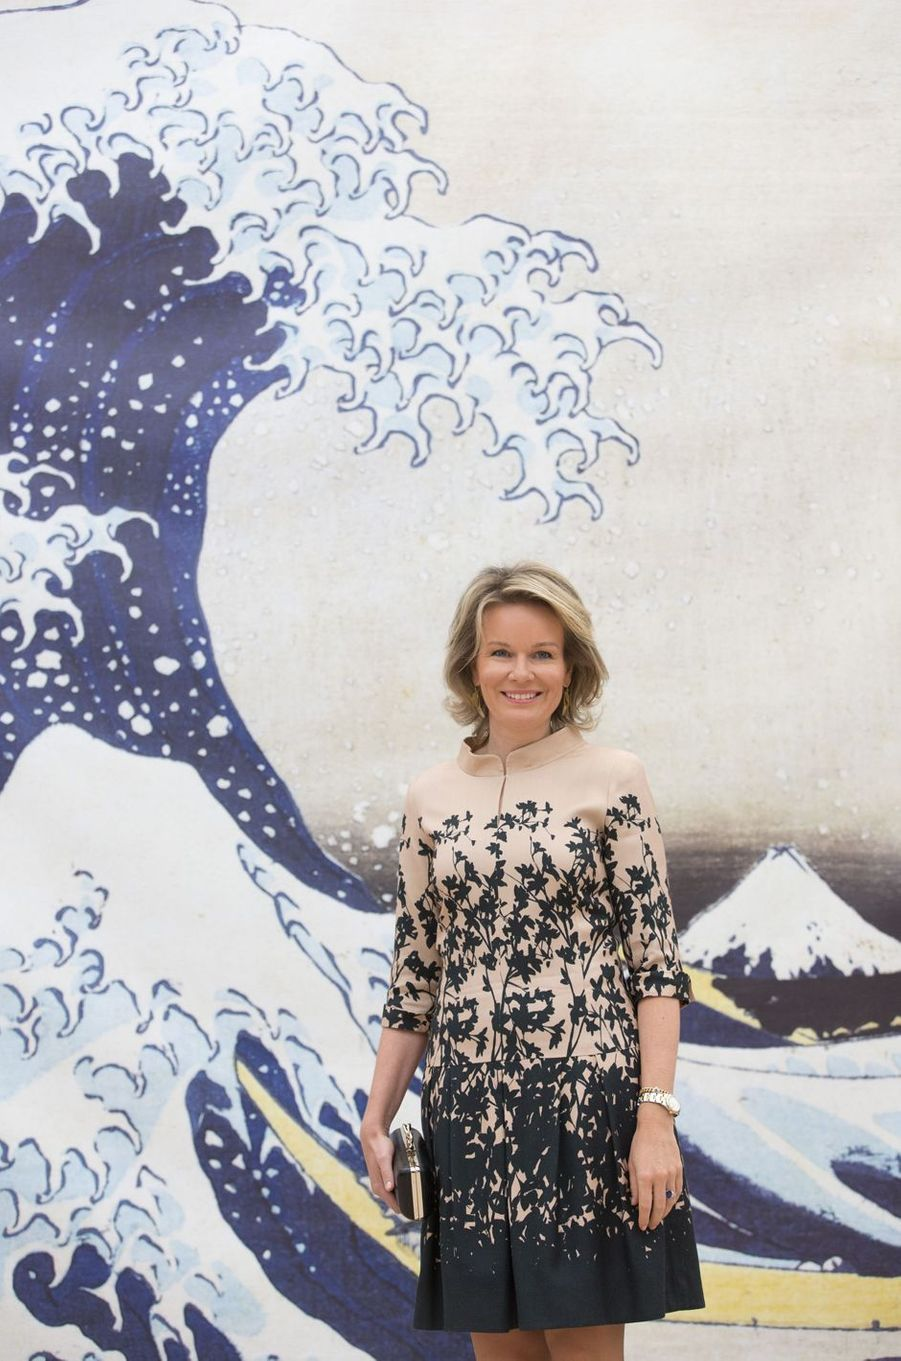 Un mois après son voyage au Japon, la reine des Belges Mathilde a retrouvé l'art nippon, le temps d'une exposition à Bruxelles, ce jeudi 17 novembre.